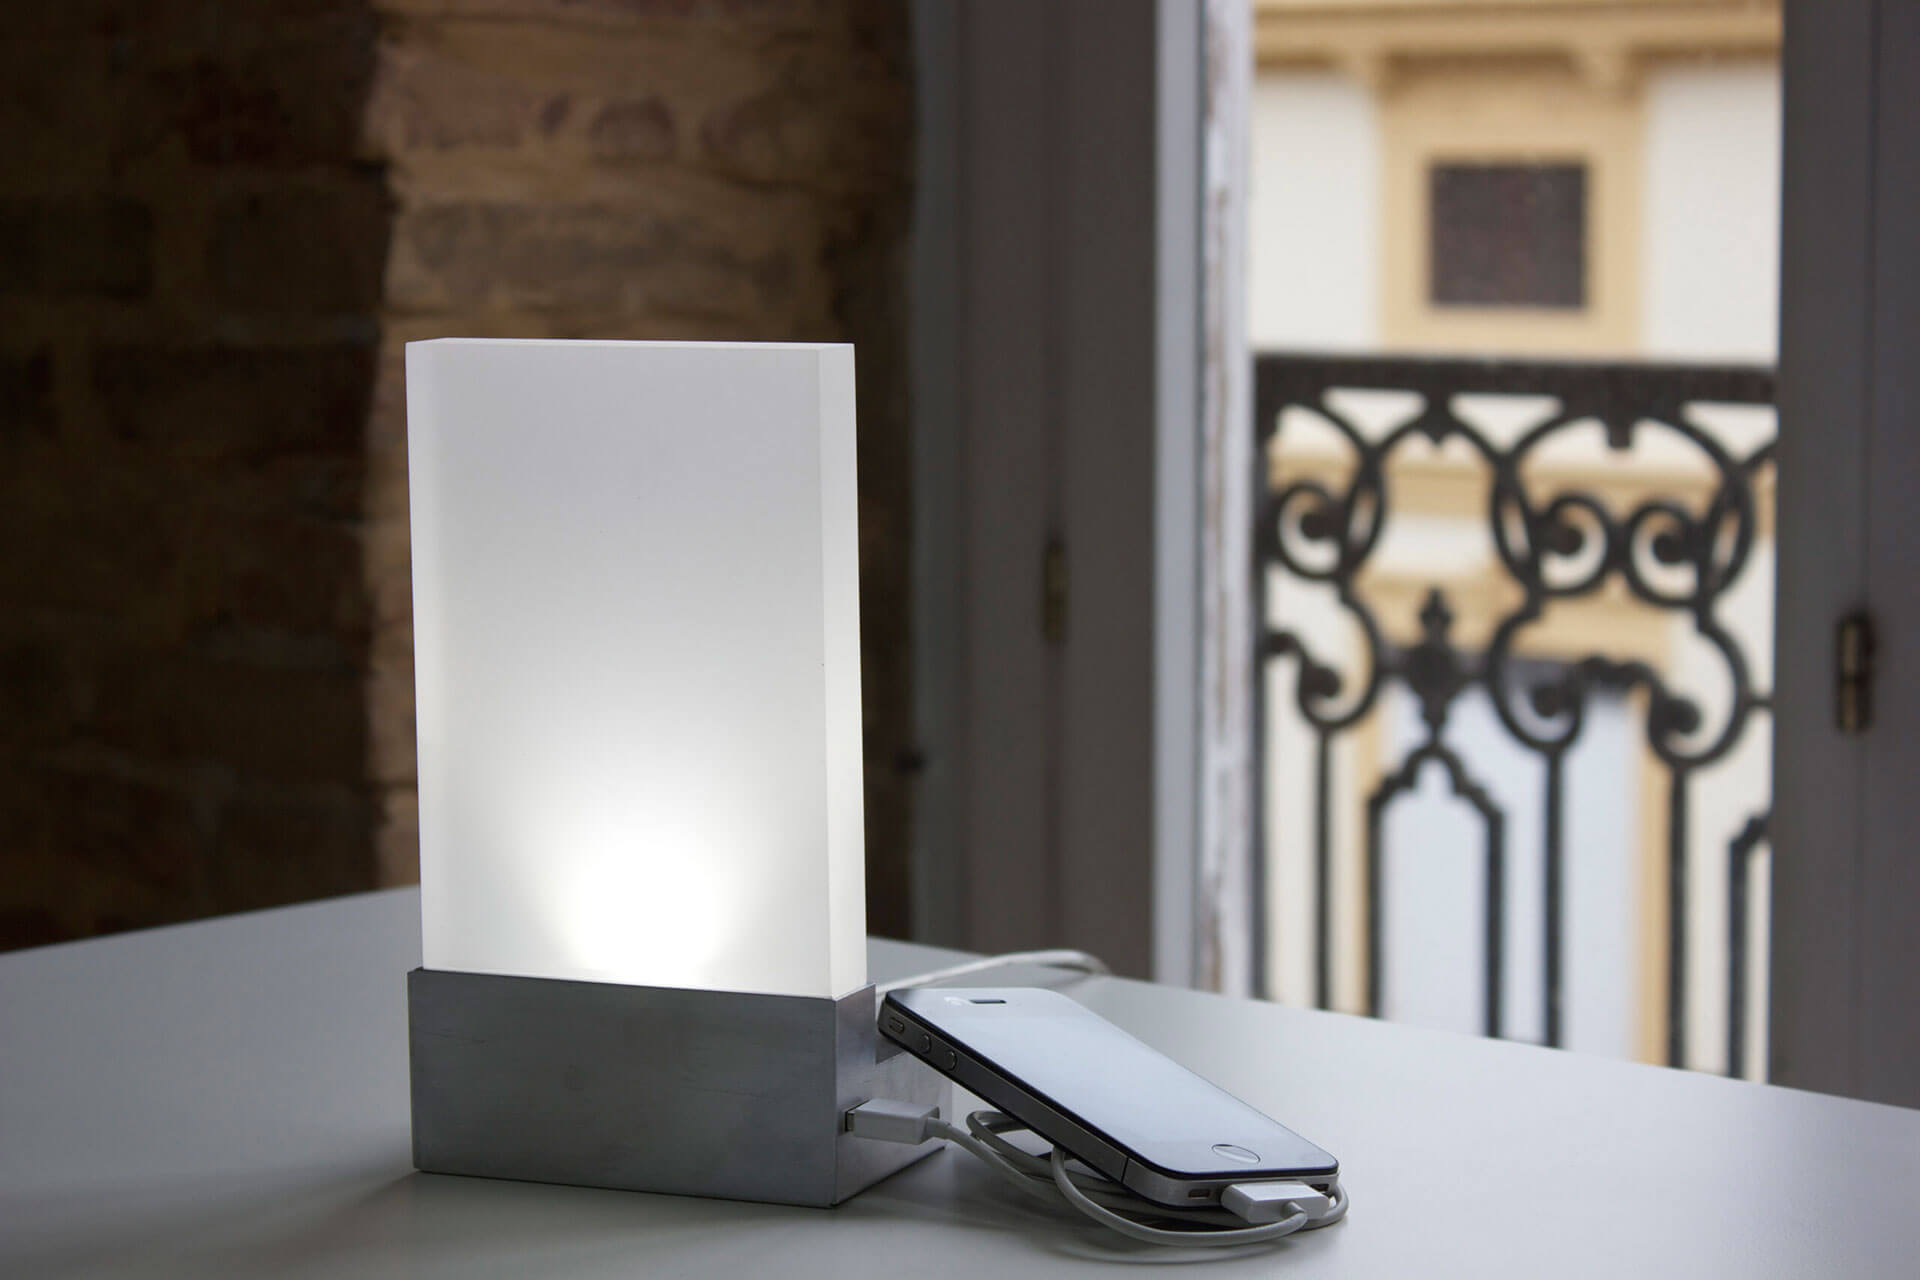 Iluminación de mesa de diseño rectangular y estructura de metal con adaptador de usb para cargar el teléfono móvil